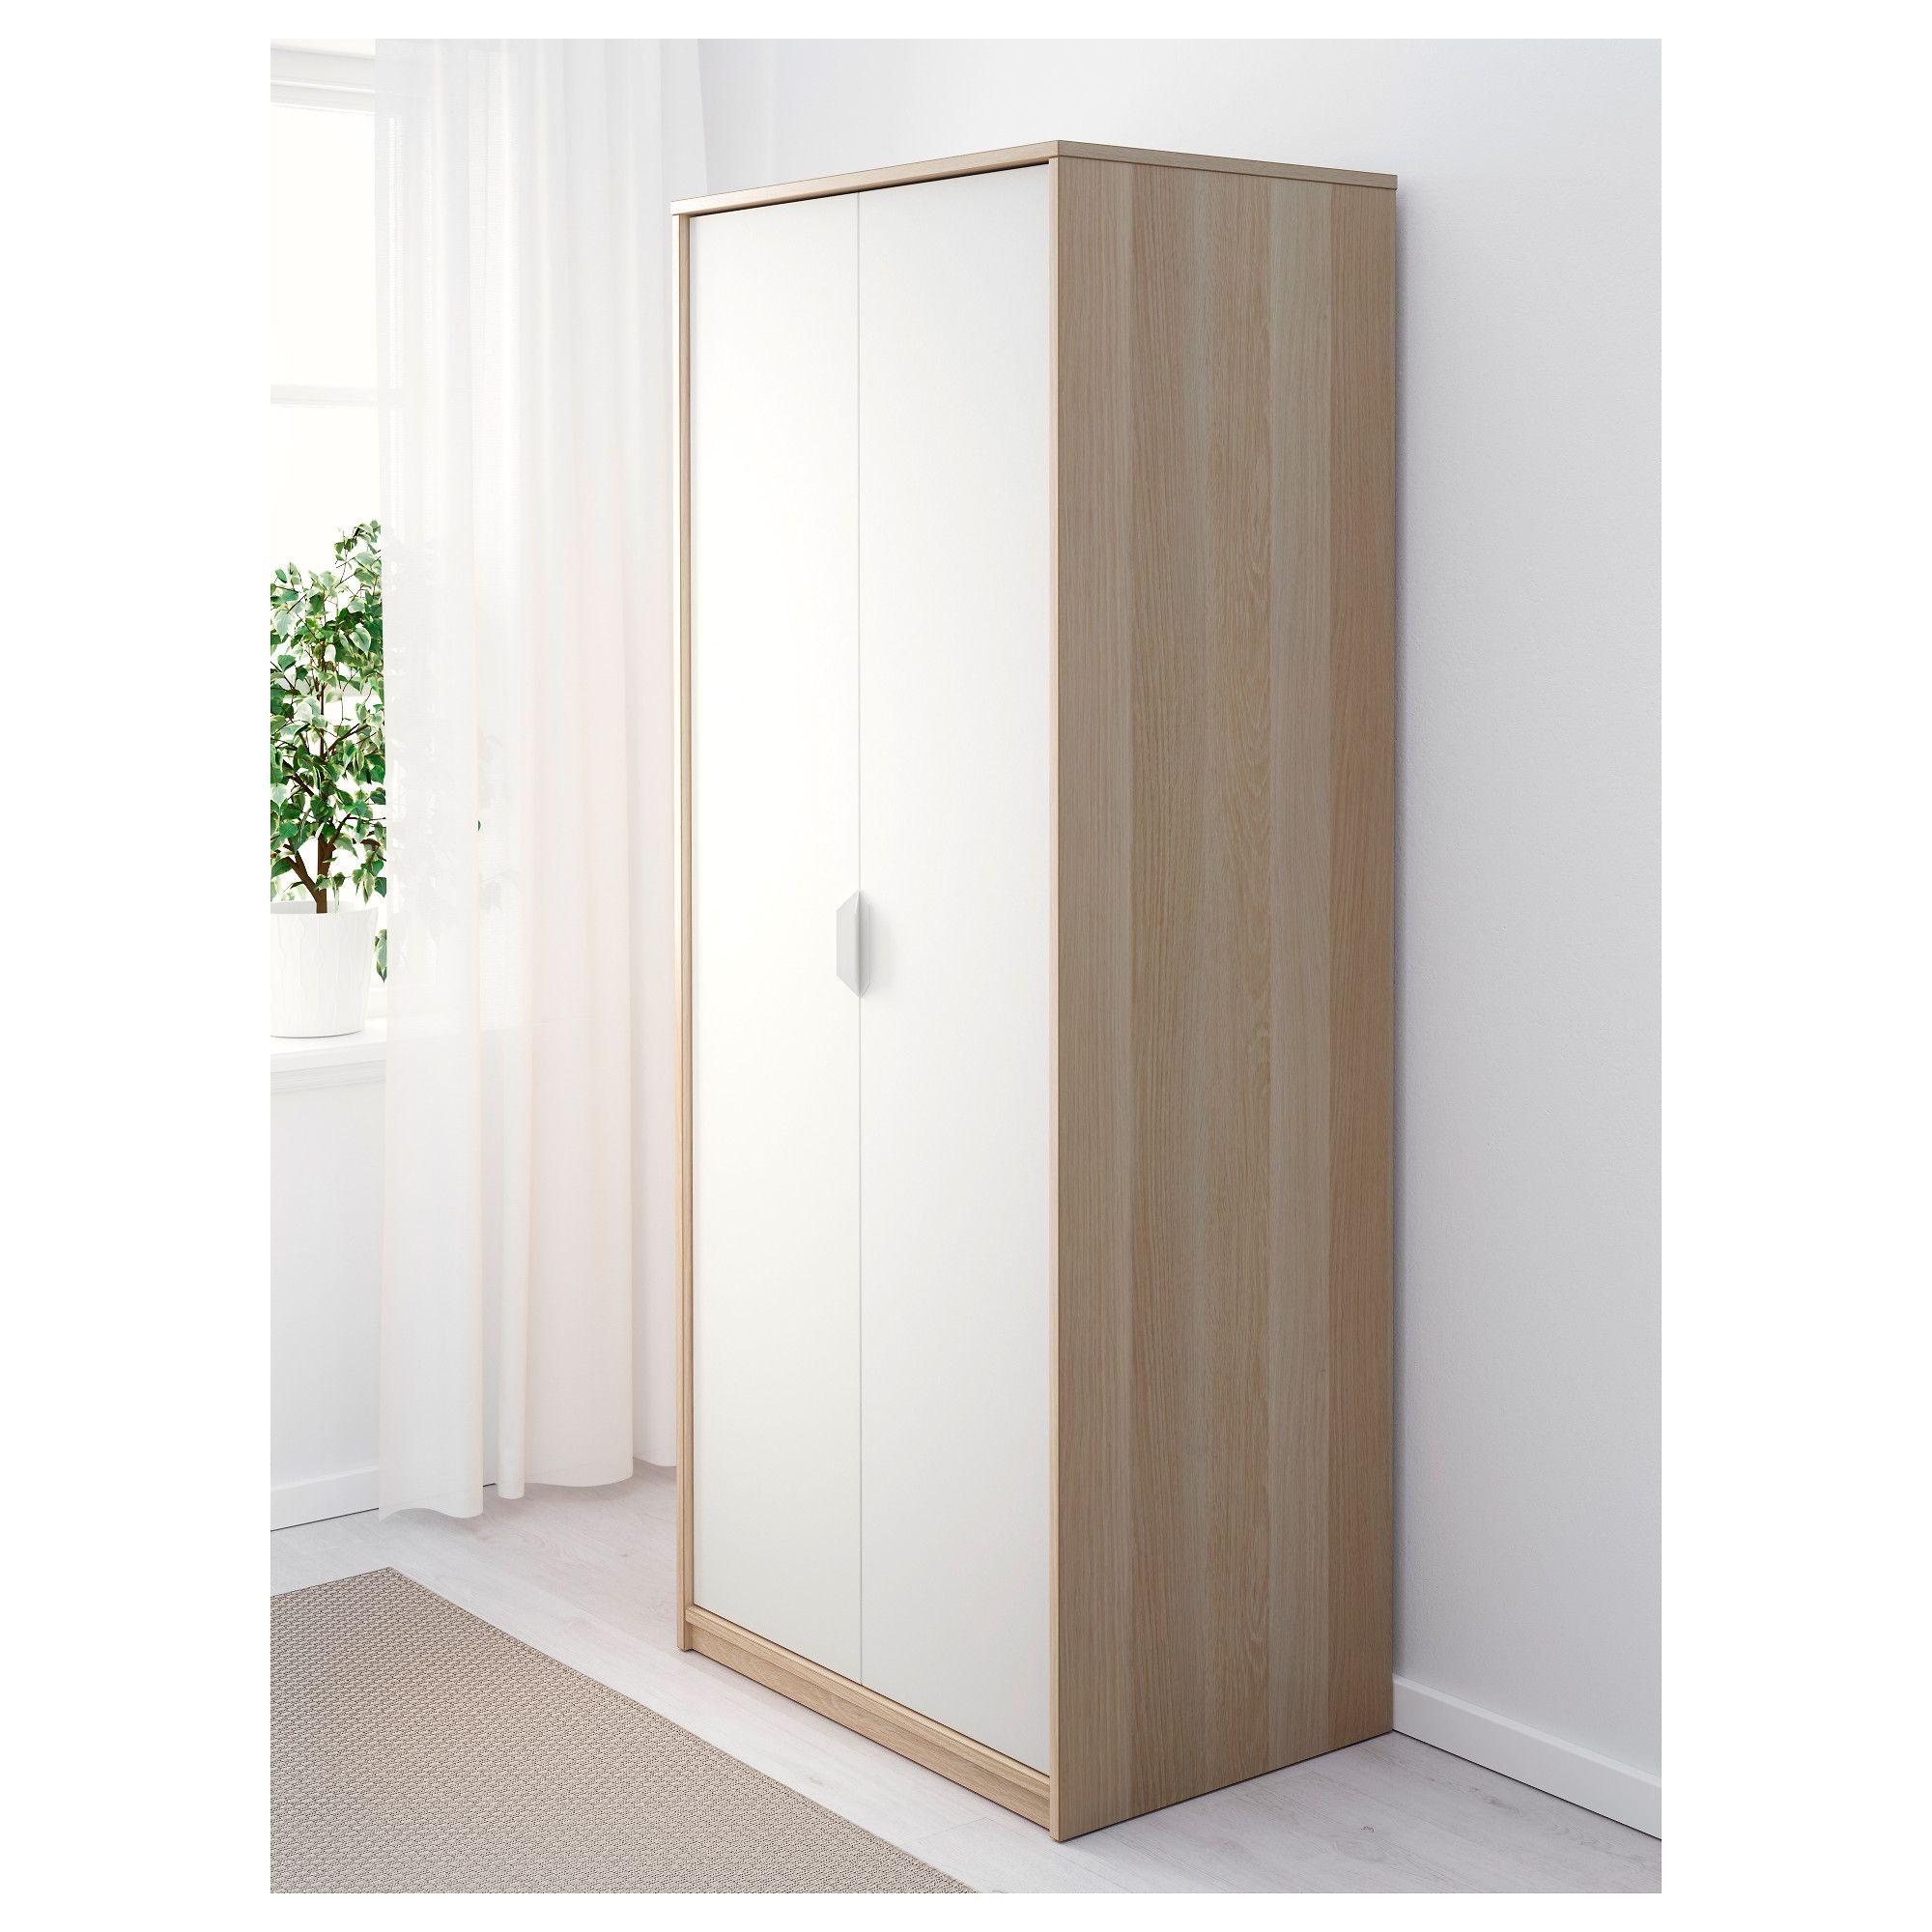 Ikea Askvoll Wardrobe Home Ideas In 2018 Pinterest Ikea